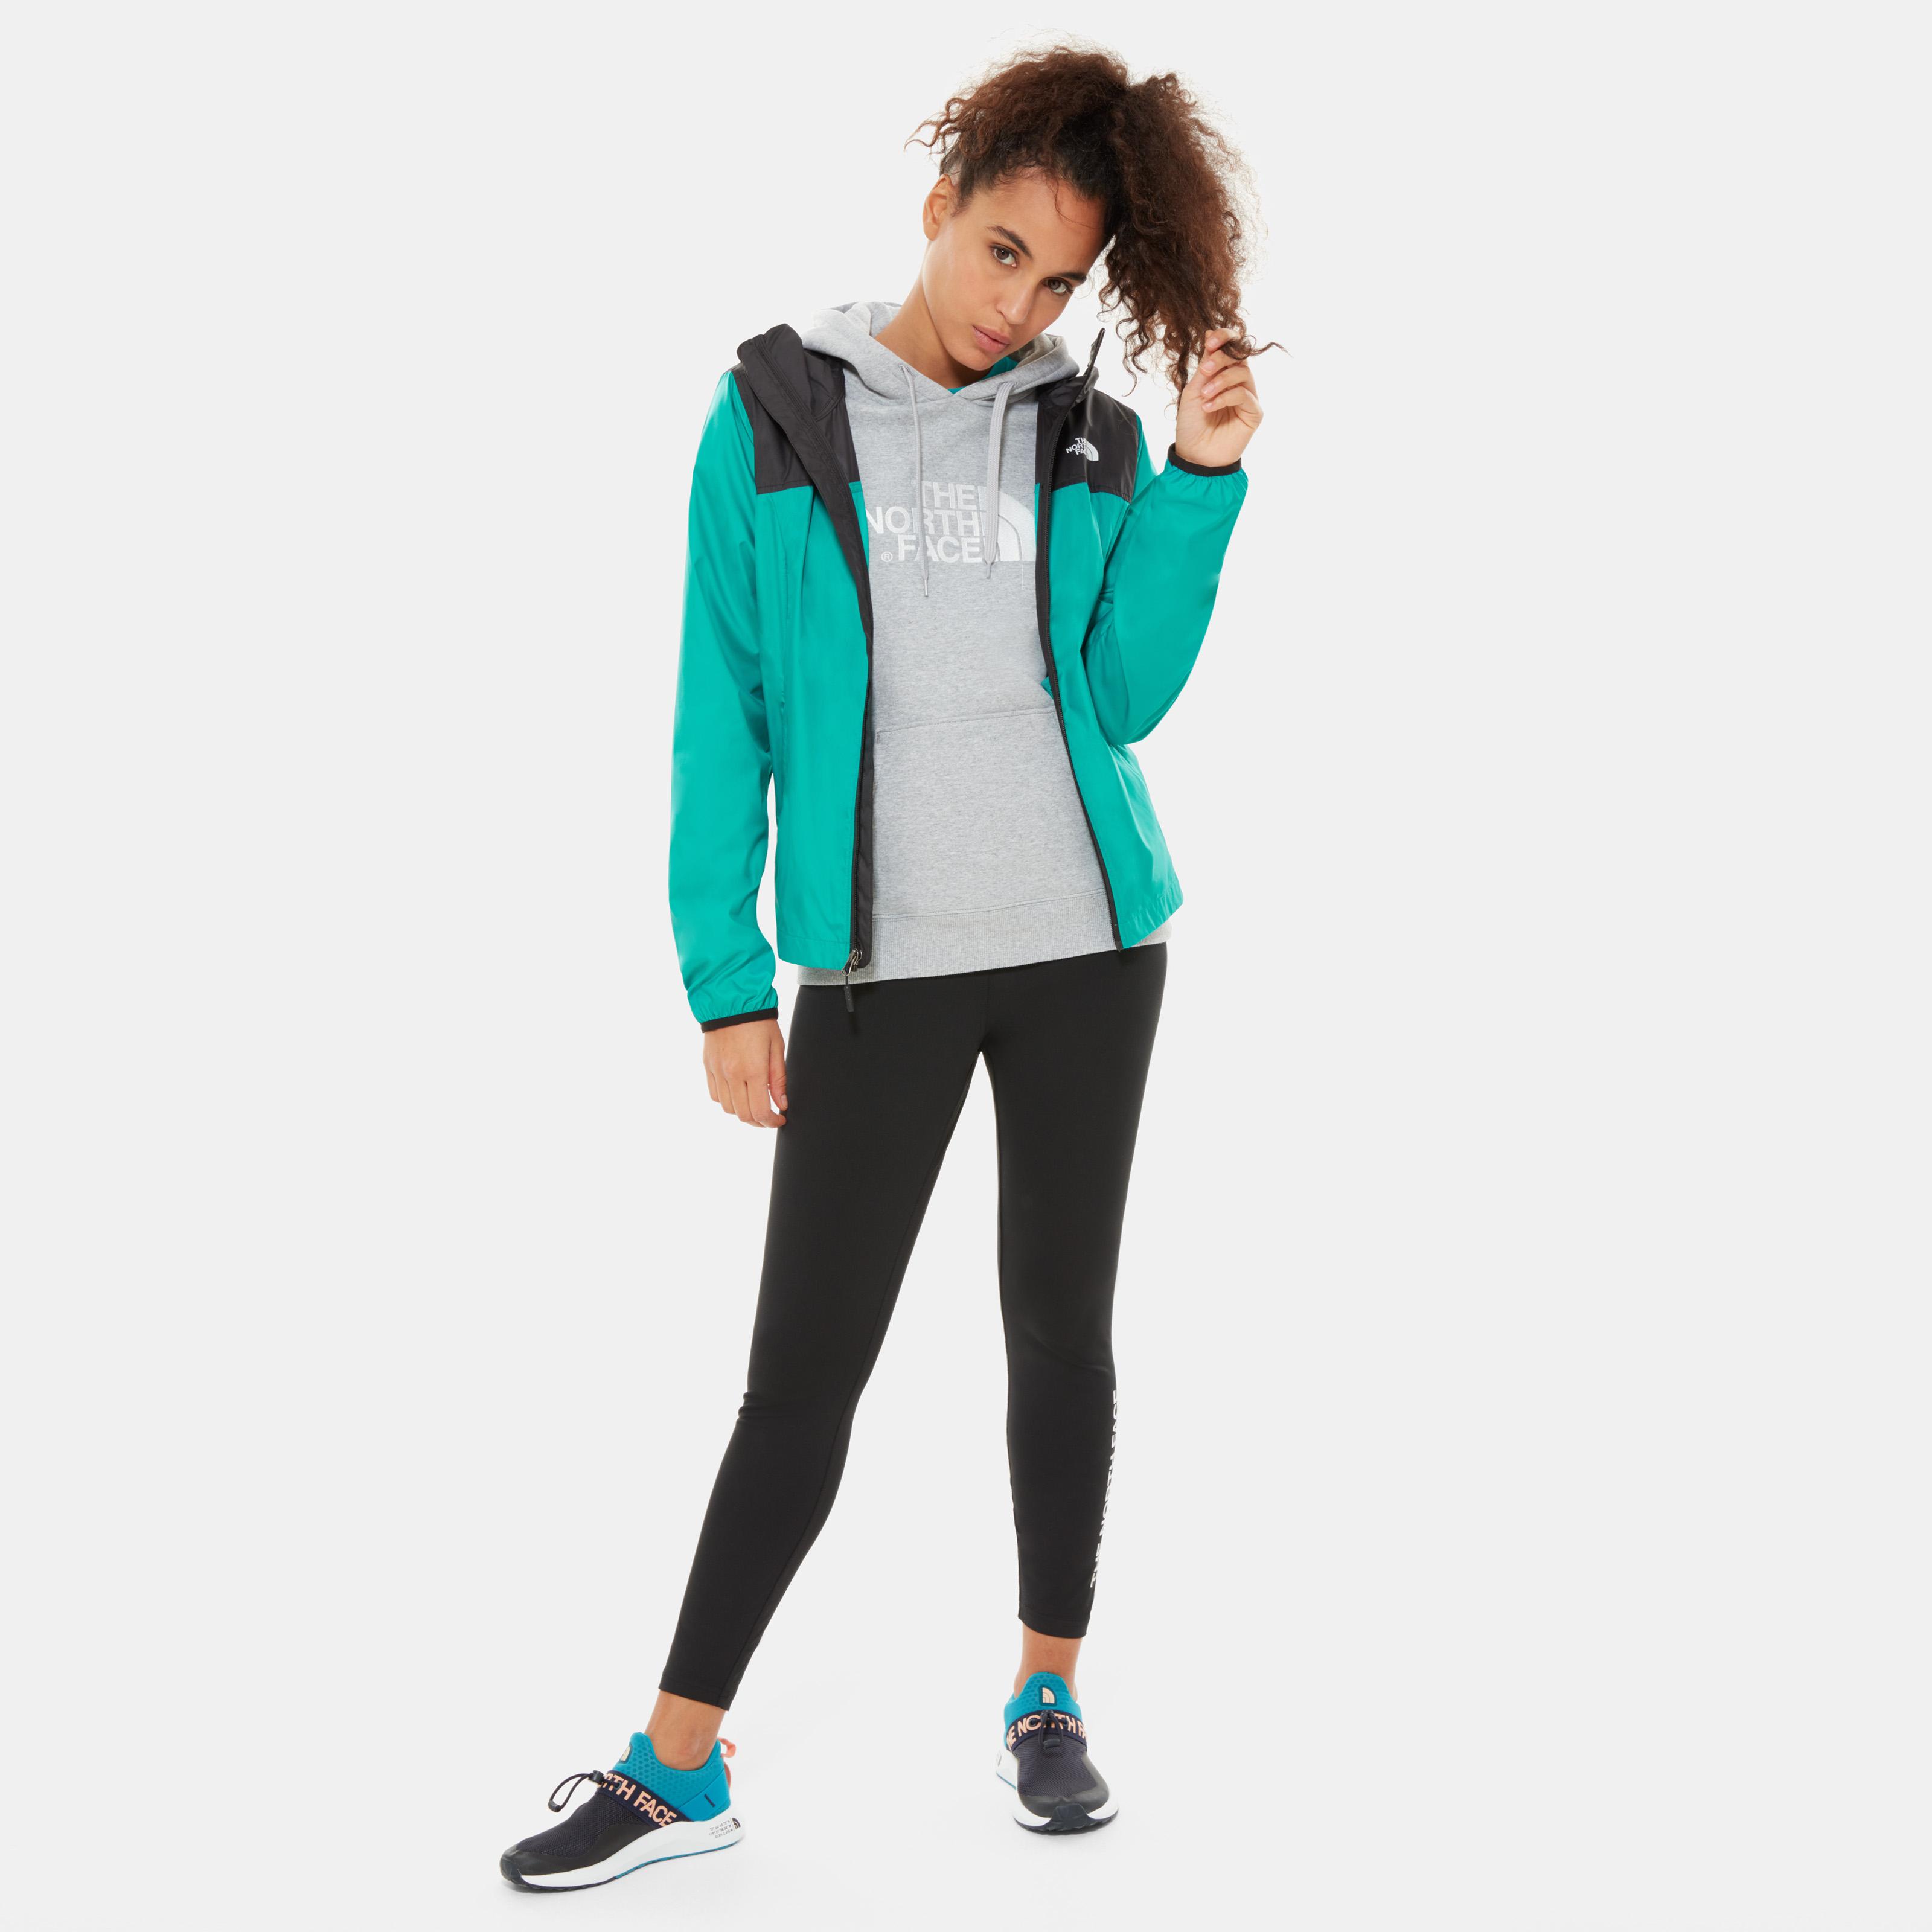 Купить со скидкой Женская куртка Cyclone Packable